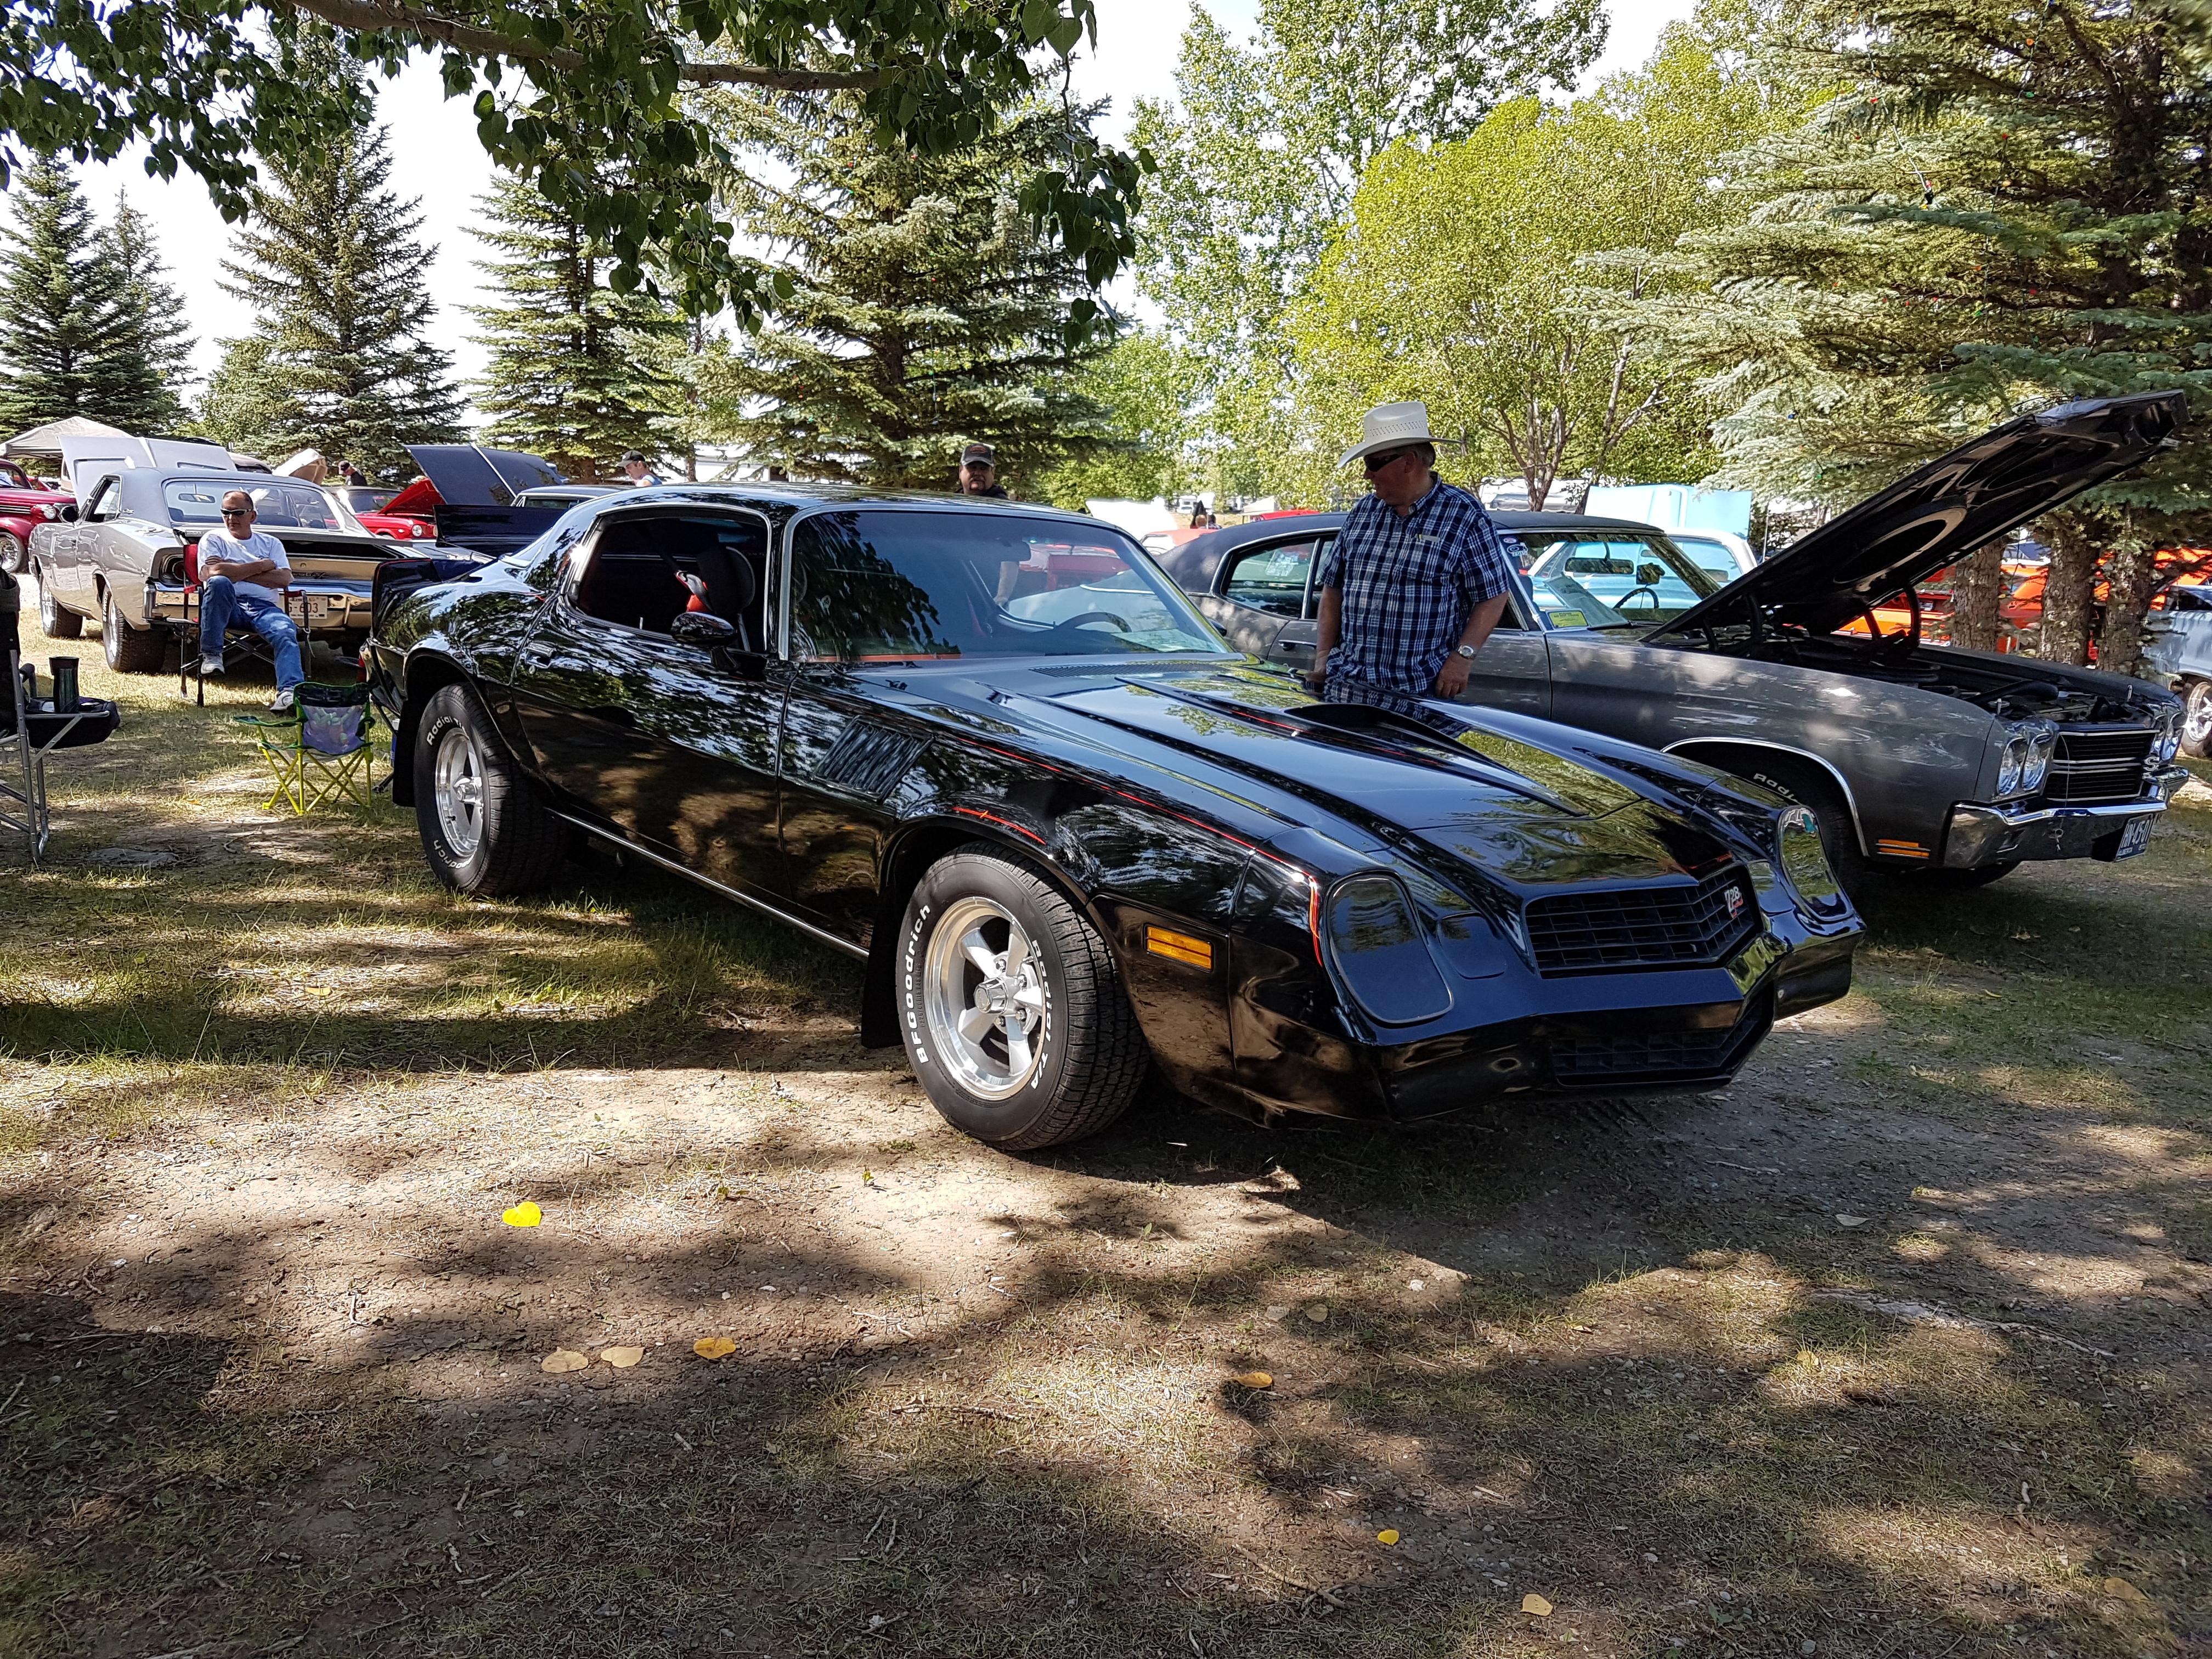 File:1978 Chevrolet Camaro Z28 - Flickr - dave 7 jpg